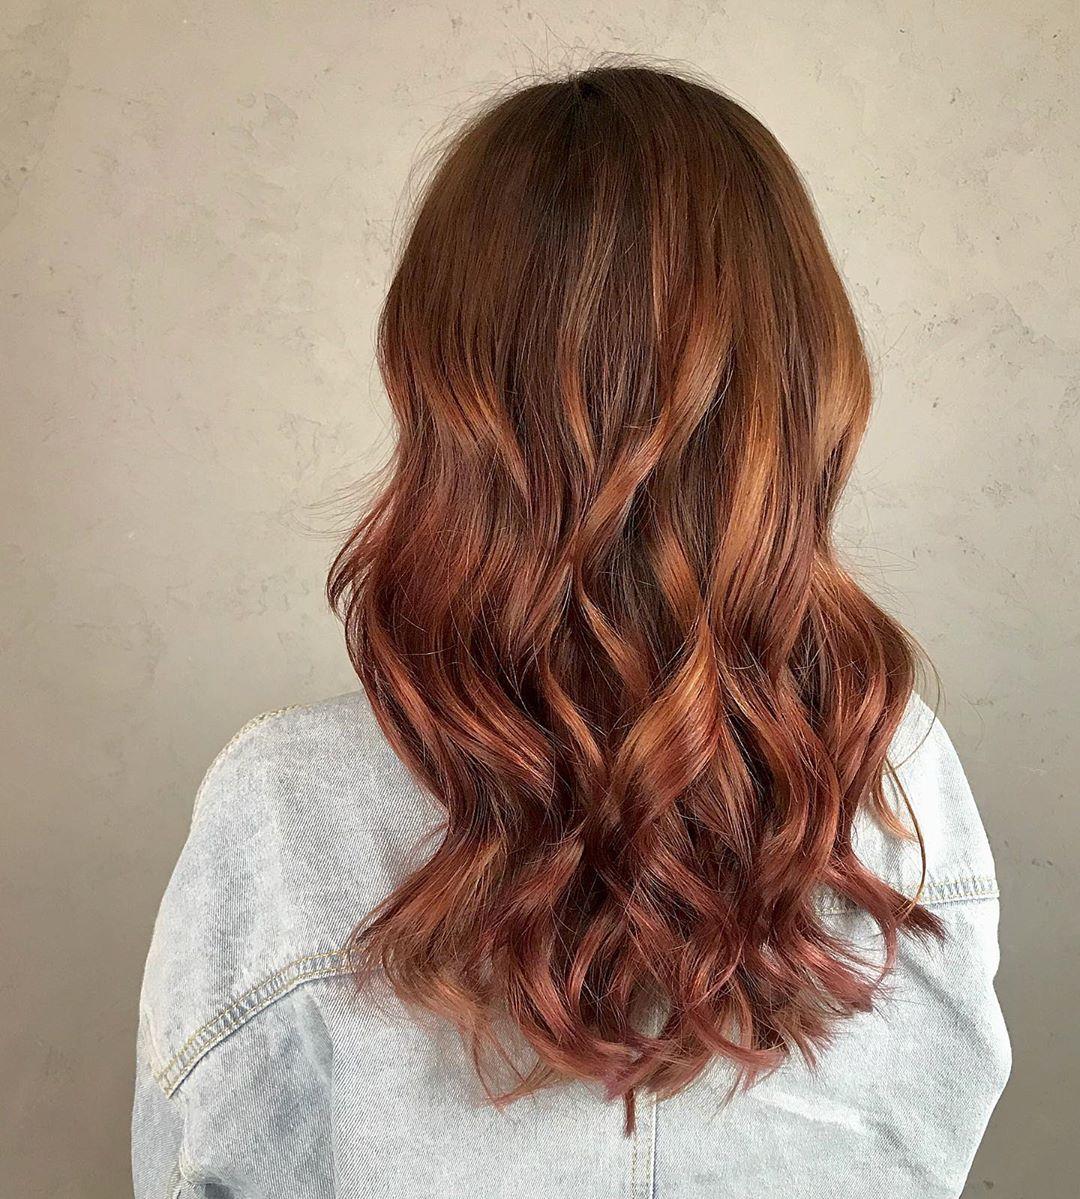 """Sự kết hợp """"nóng bỏng"""" giữa đỏ, vàng và cam đã tạo nên màu tóc Spicy Ginger đình đám như thế này đây!"""